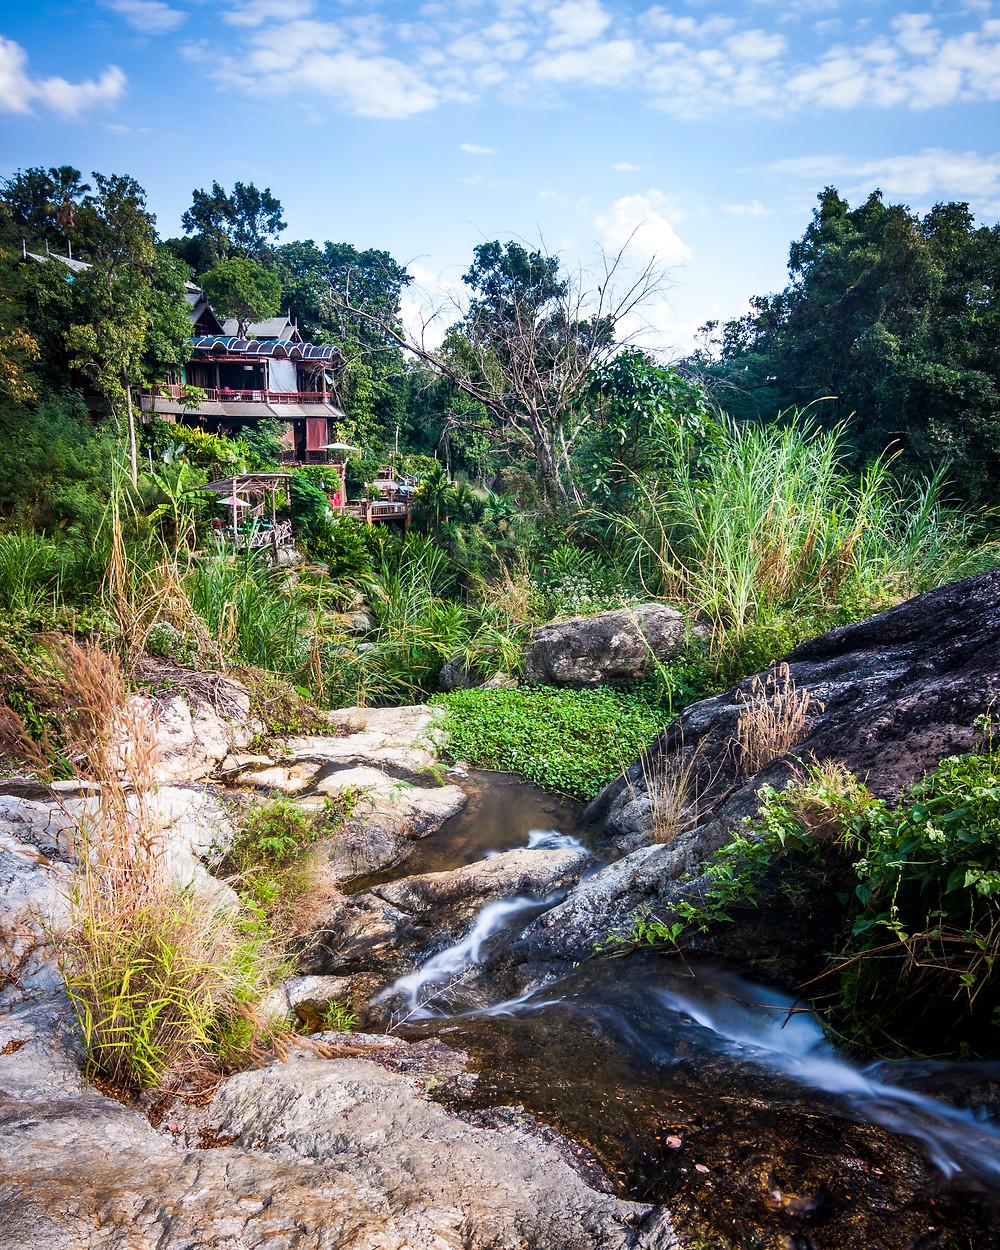 Wang Bua Ban Waterfall, Chiang Mai, Thailand